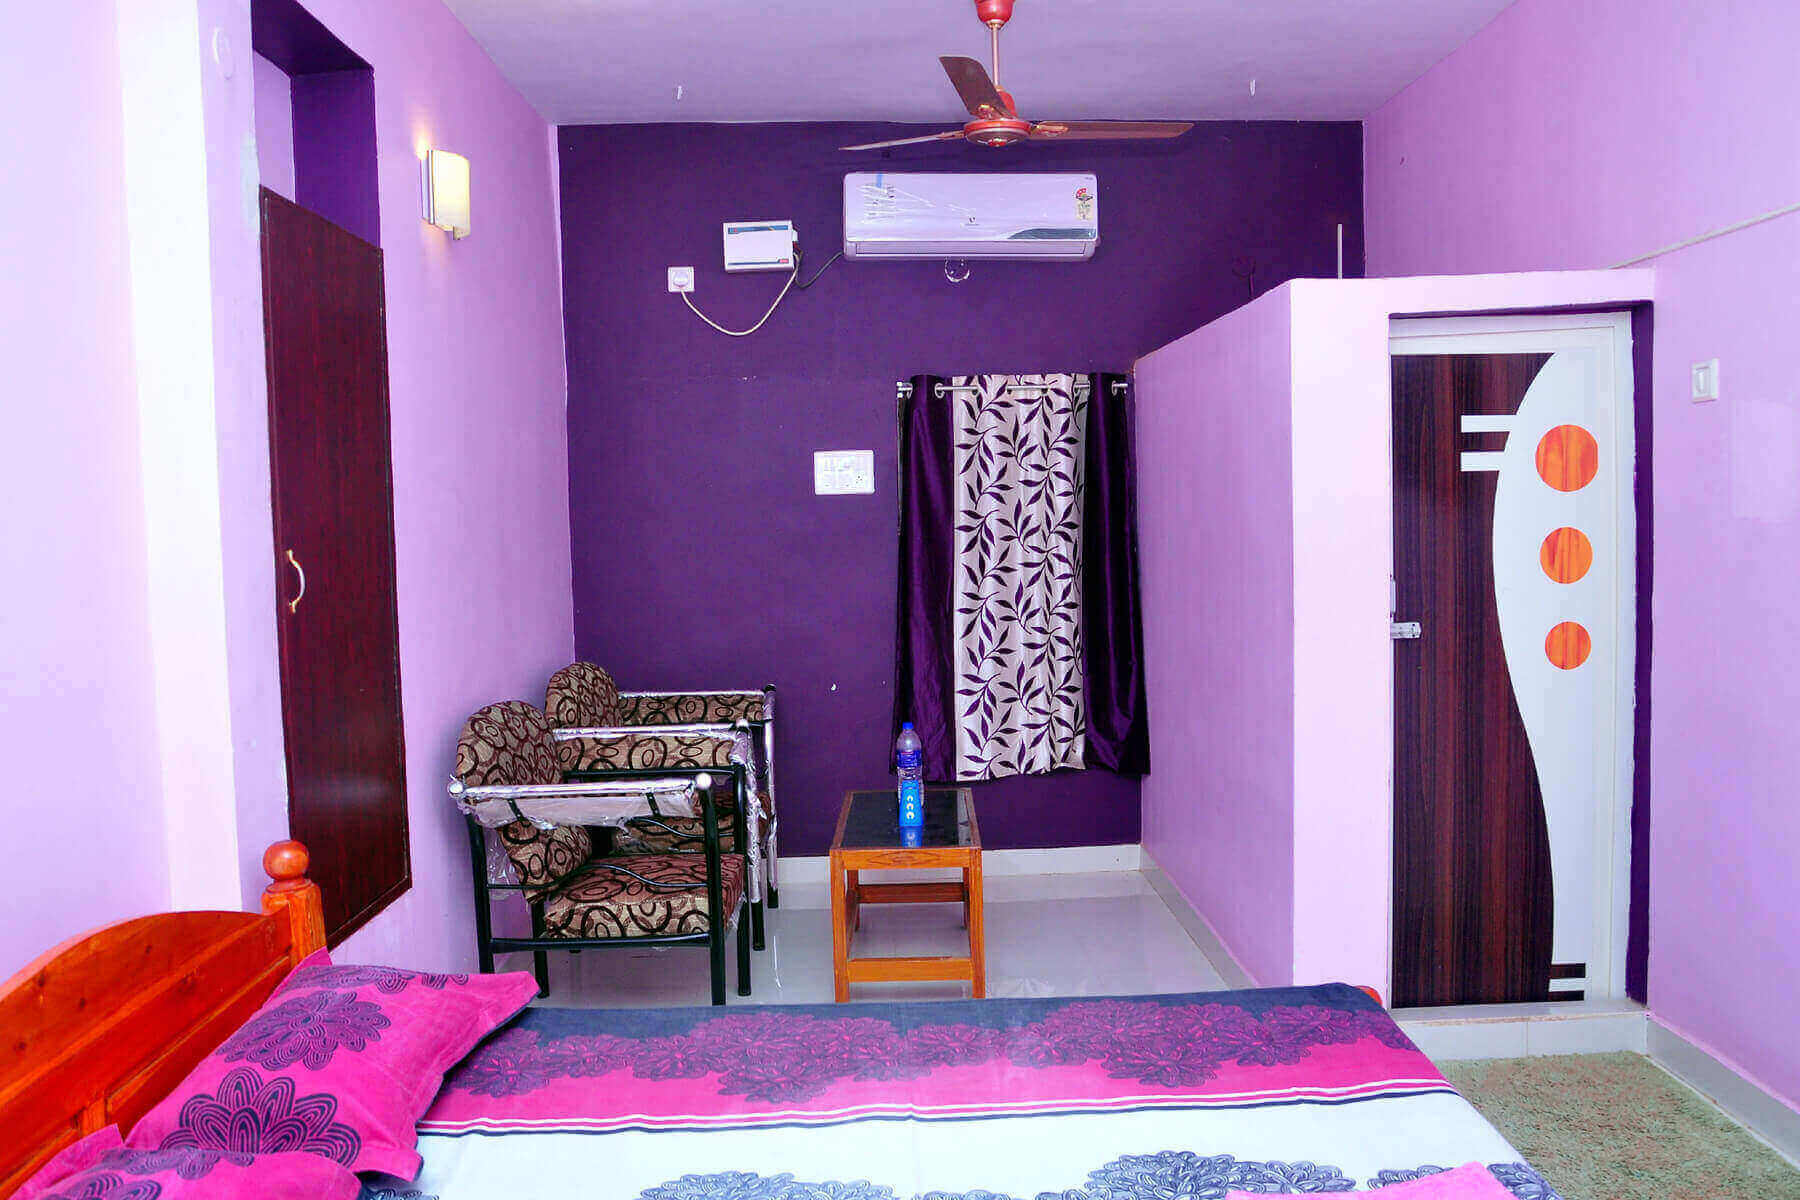 Hotel in Uthamapalayam